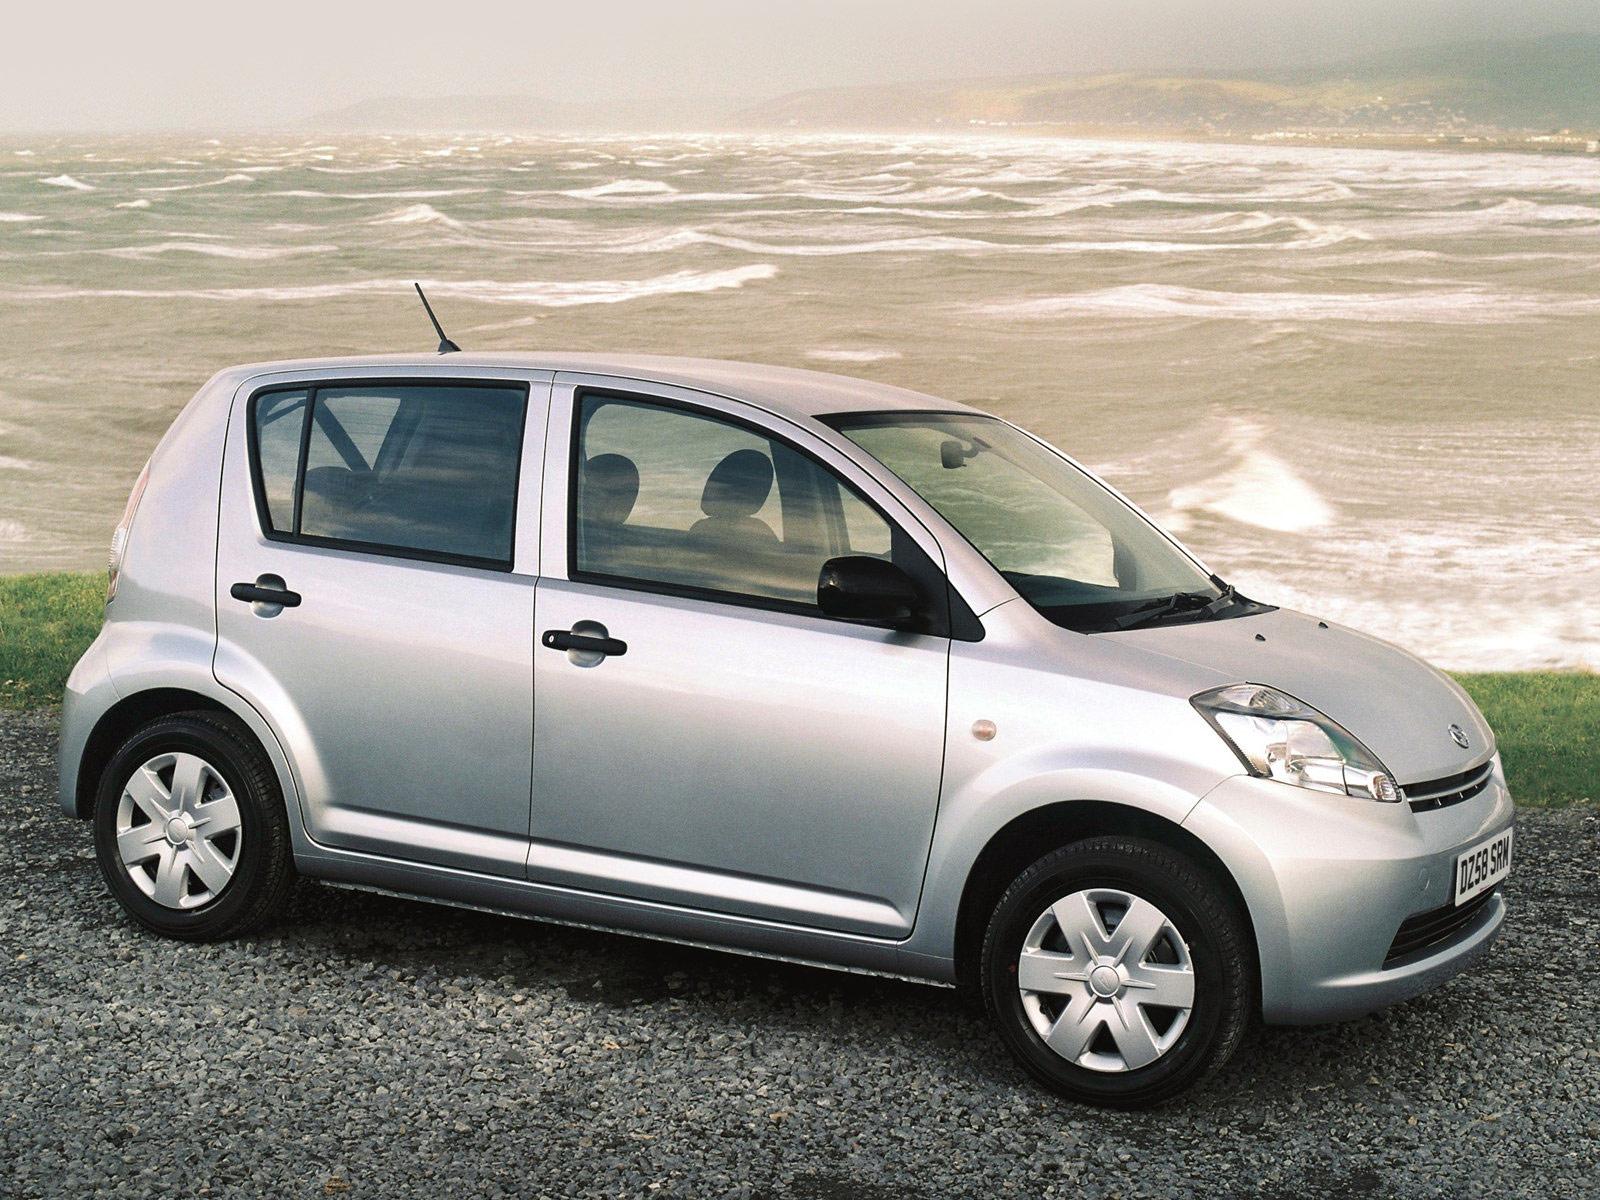 2007 Daihatsu Sirion Car Photos